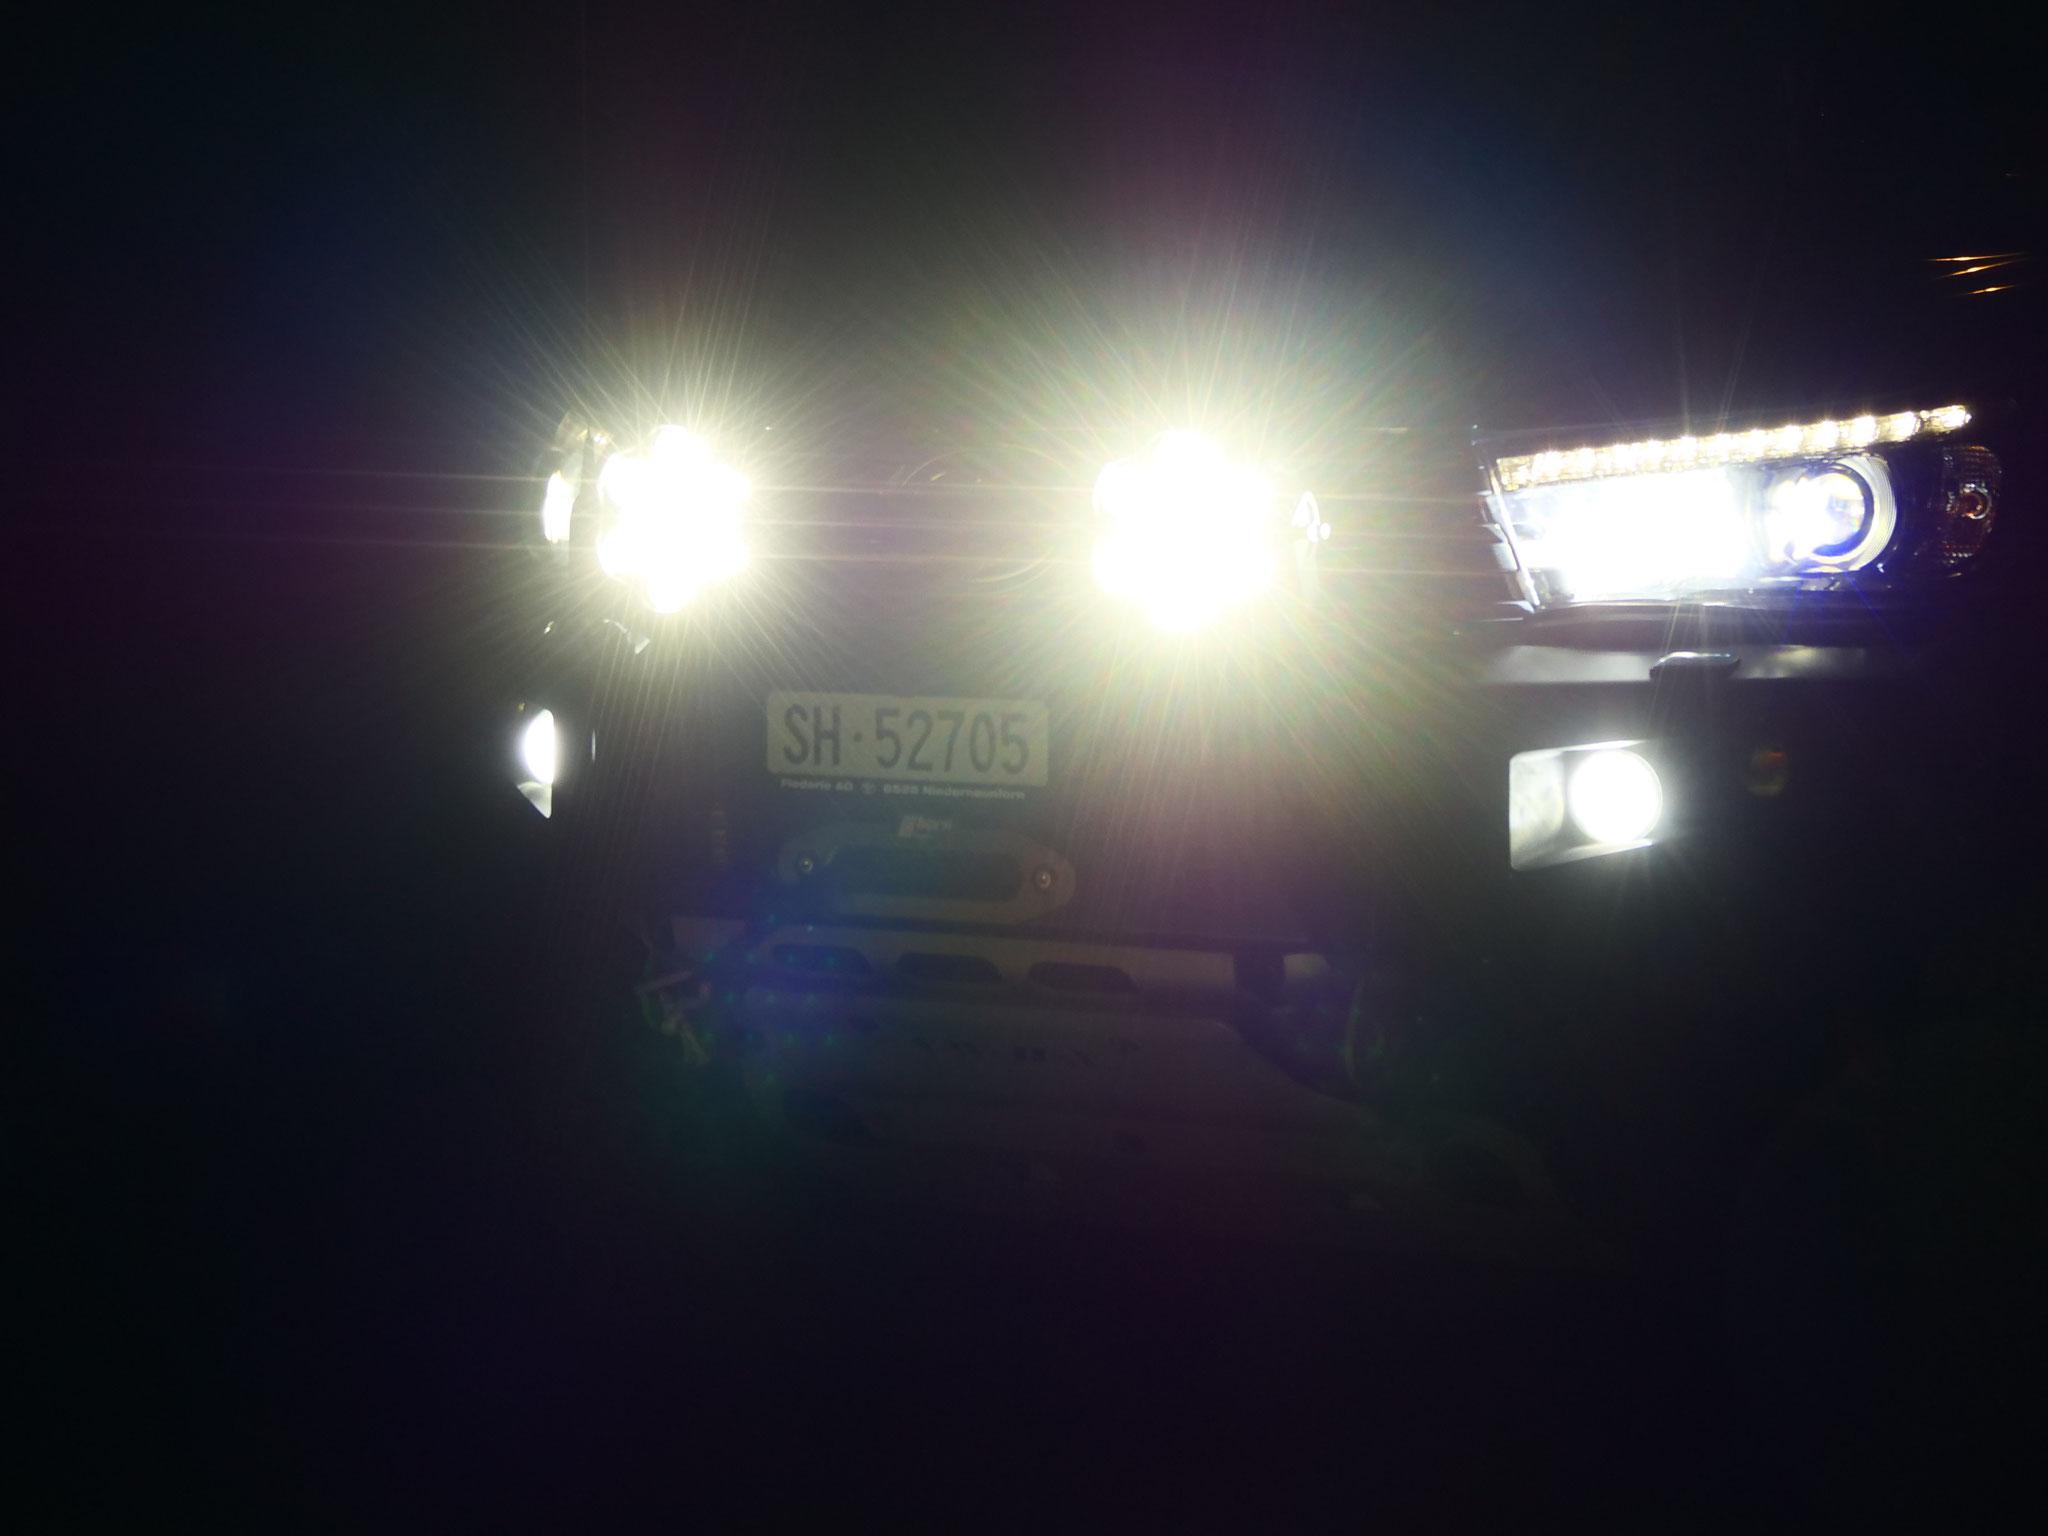 Lightpartz LTPRTZ DL011-C Kombo flood spot led off road  lights lamp Highbeam Strassen zugelassene Offroad Scheinwerfer e geprüft hell #projektblackwolf